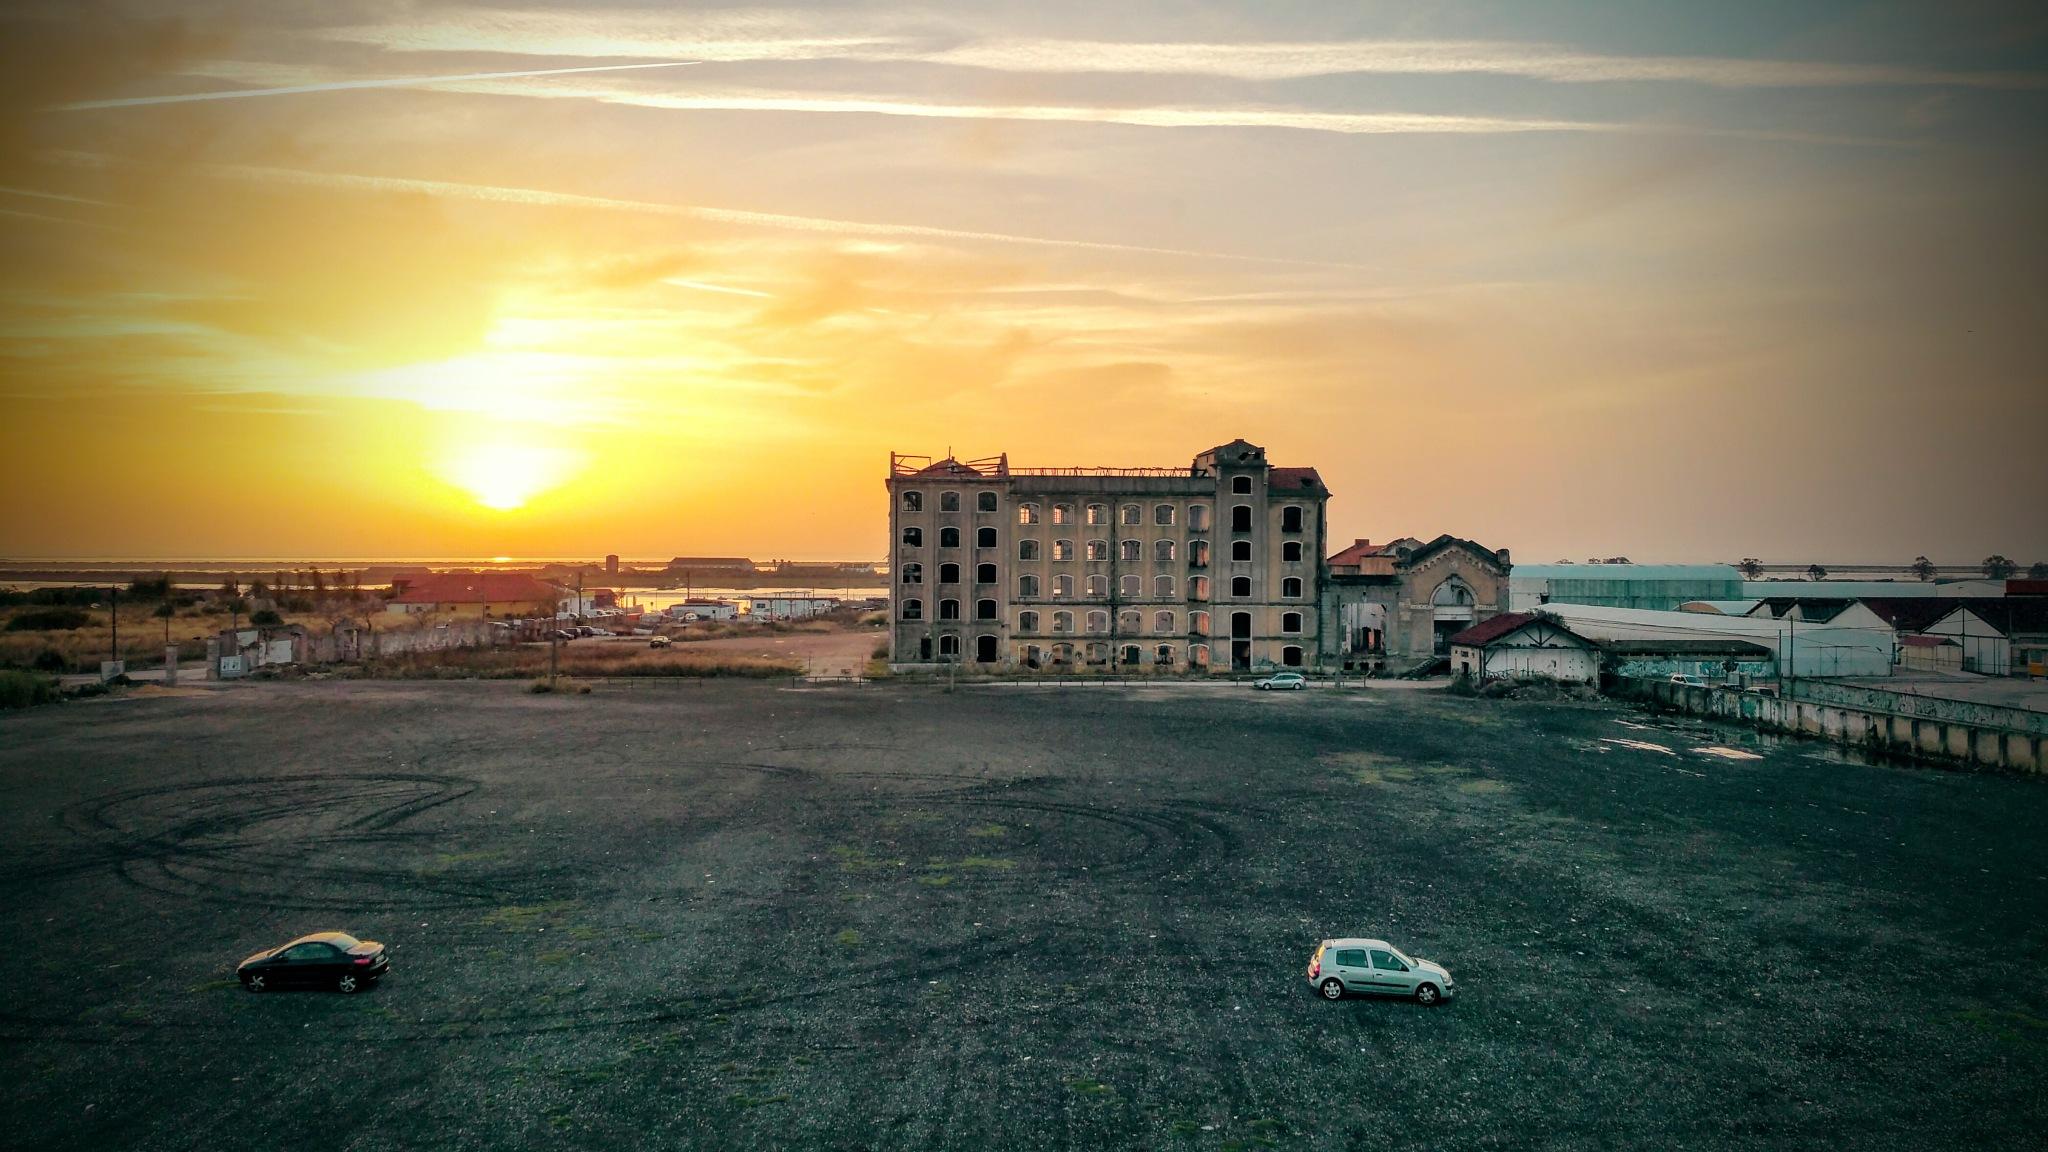 Sunrise by Joao Caldini